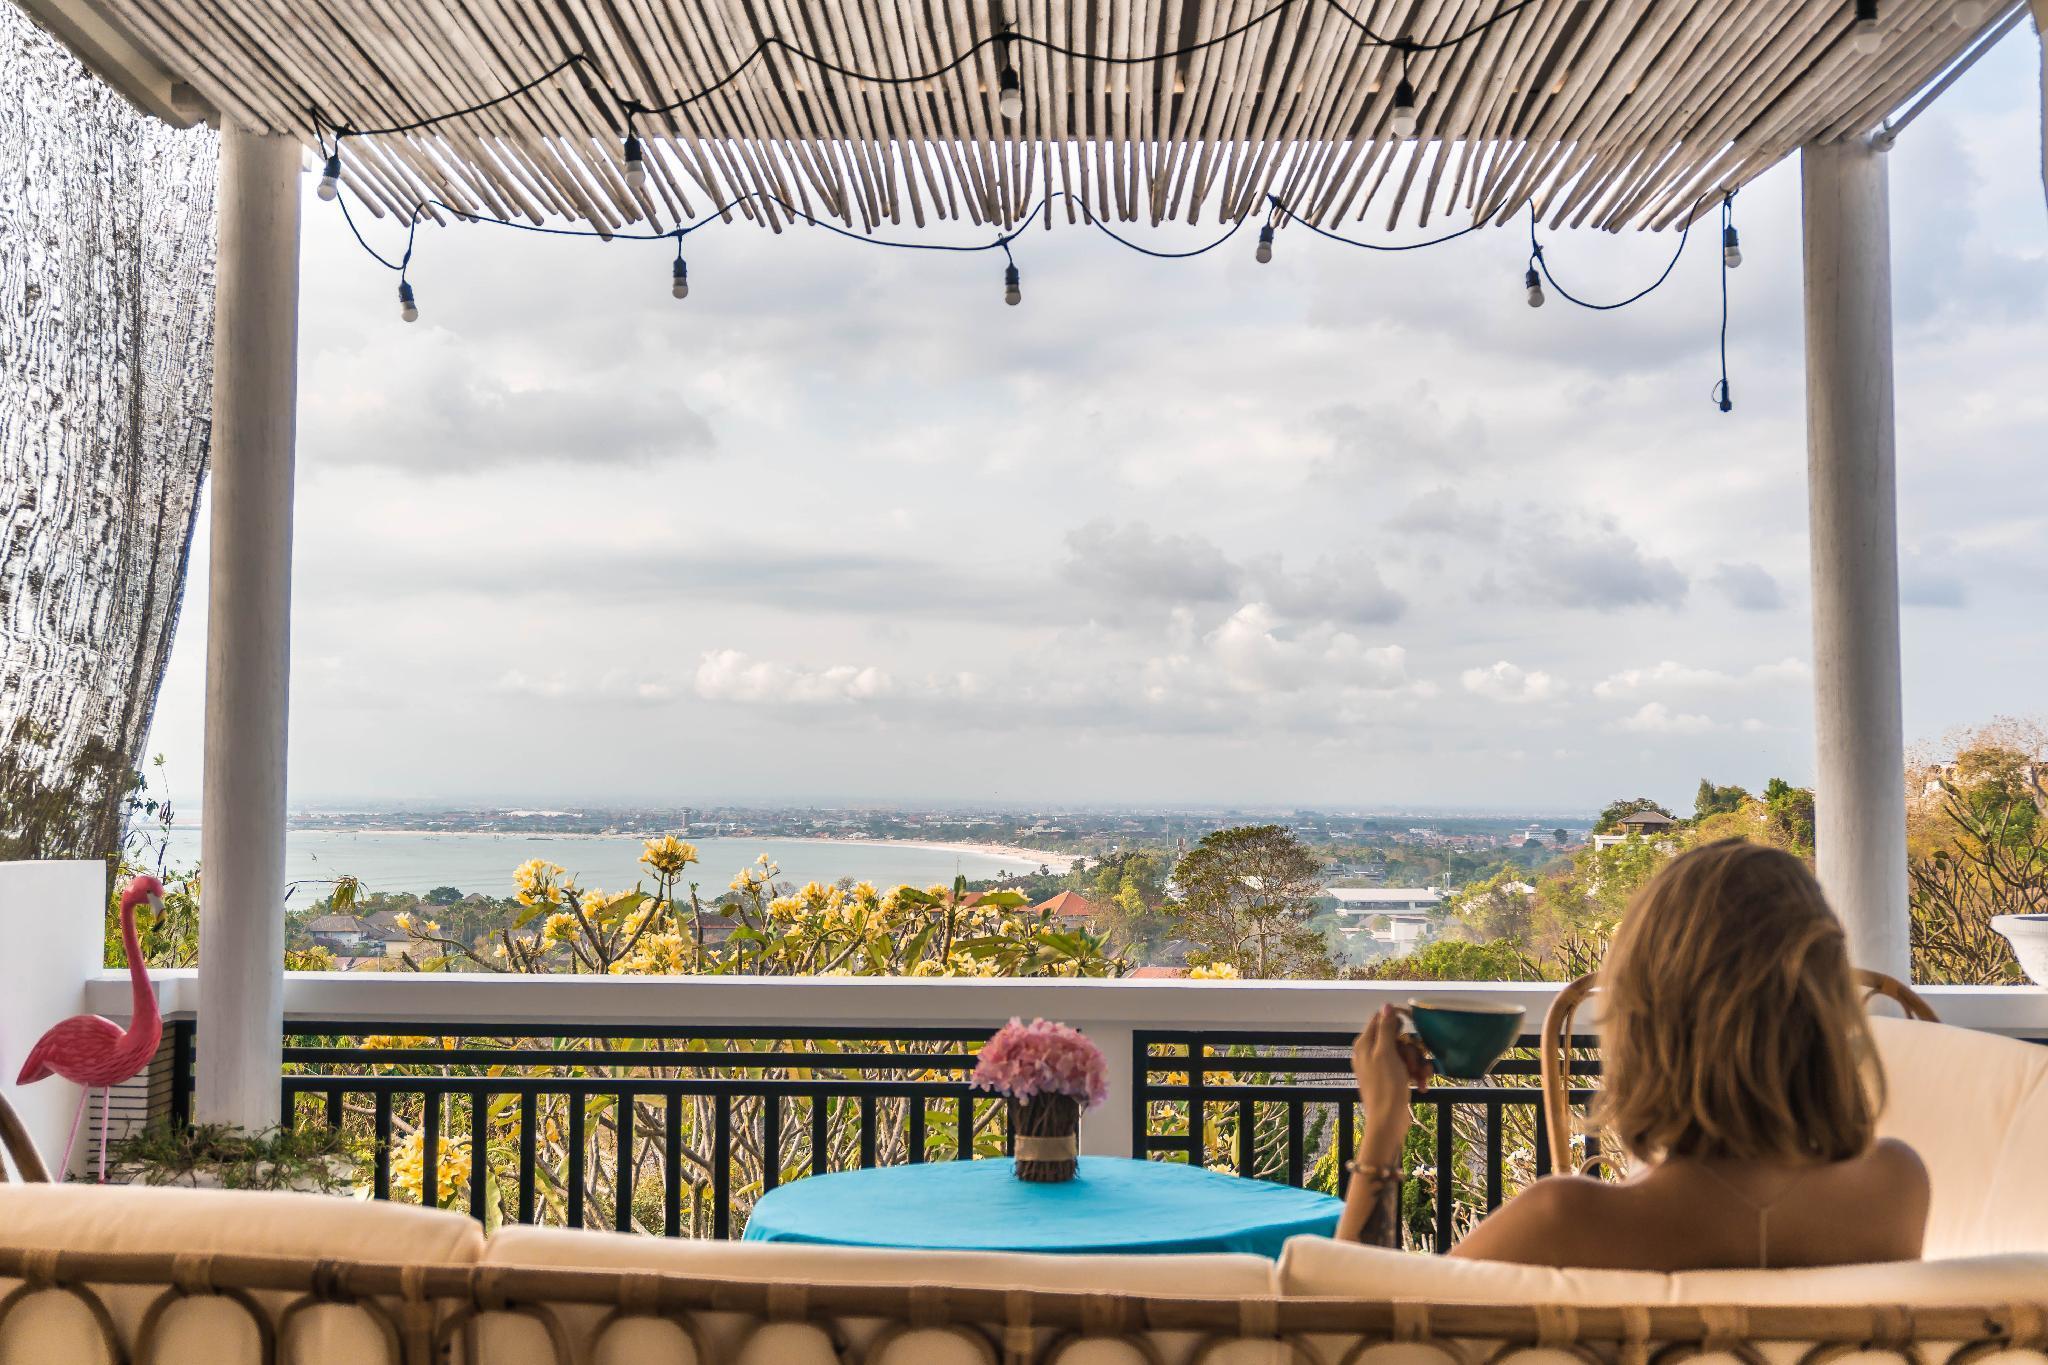 Villa Oceanita 5 Min From The Jimbaran Beach Bali Hotels Villas Indonesia Information Hotel Reservations